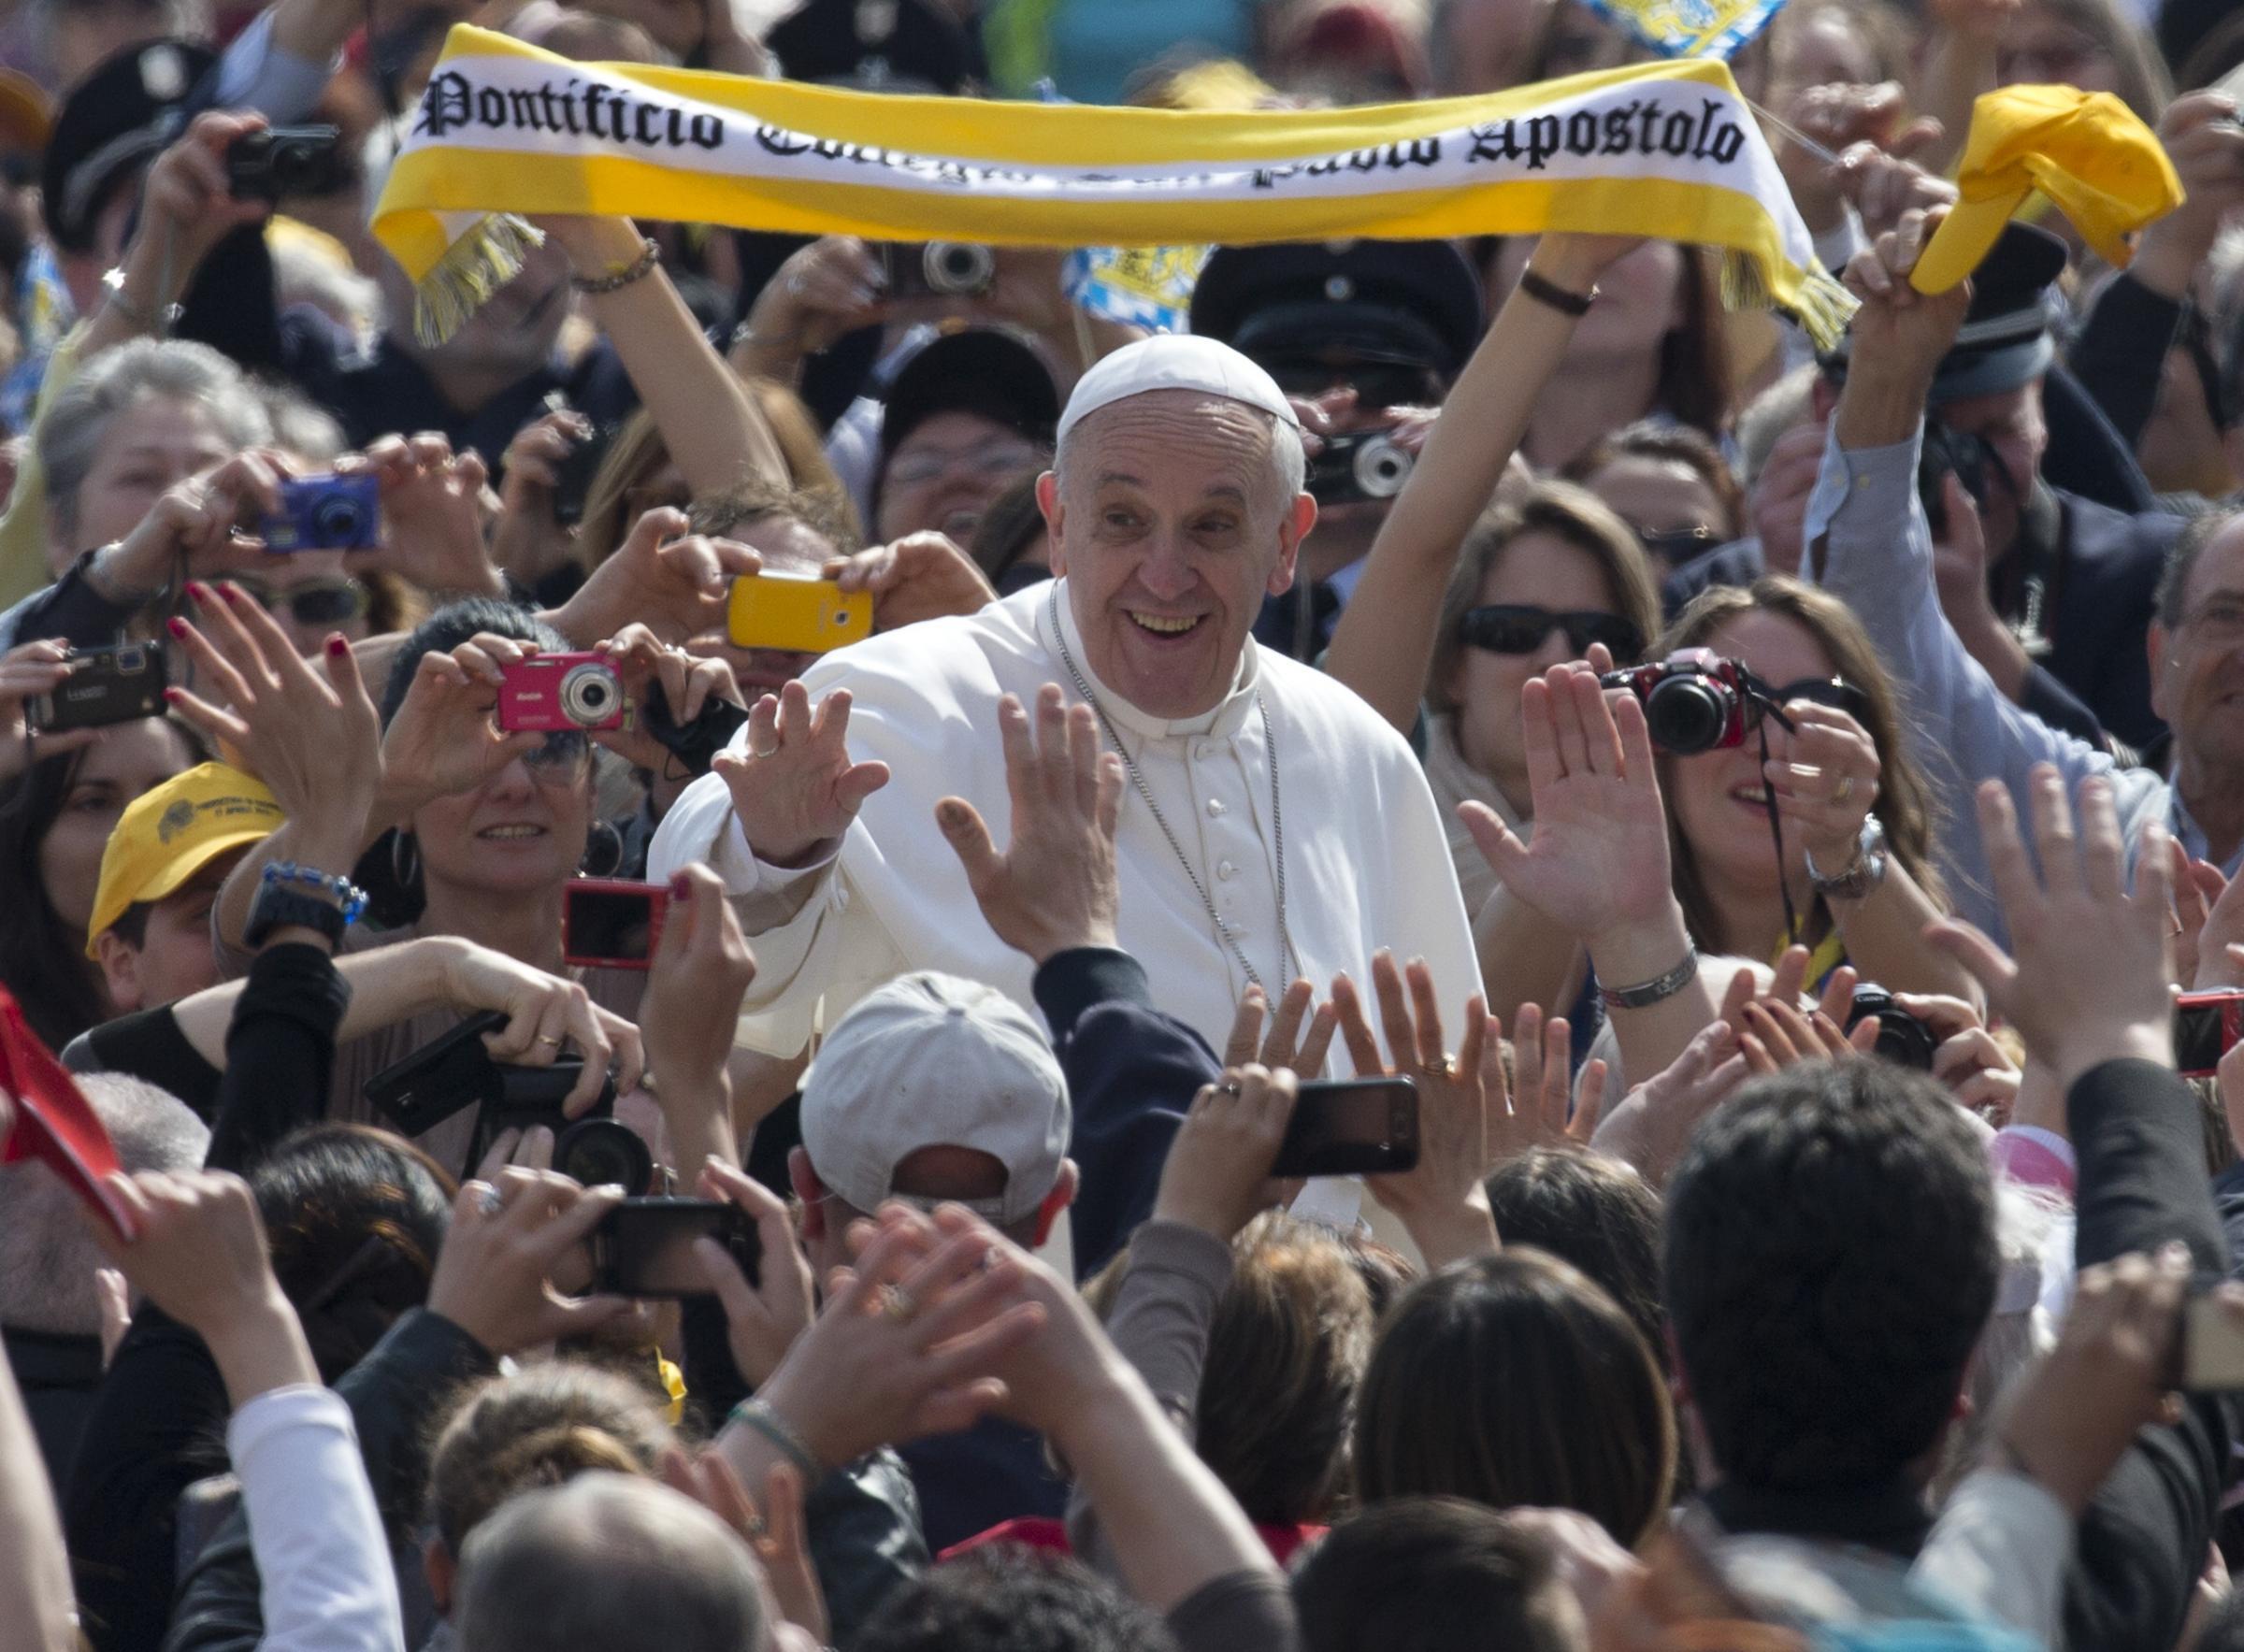 Papa Francesco e il suo viaggio verso le periferie dell'umanità